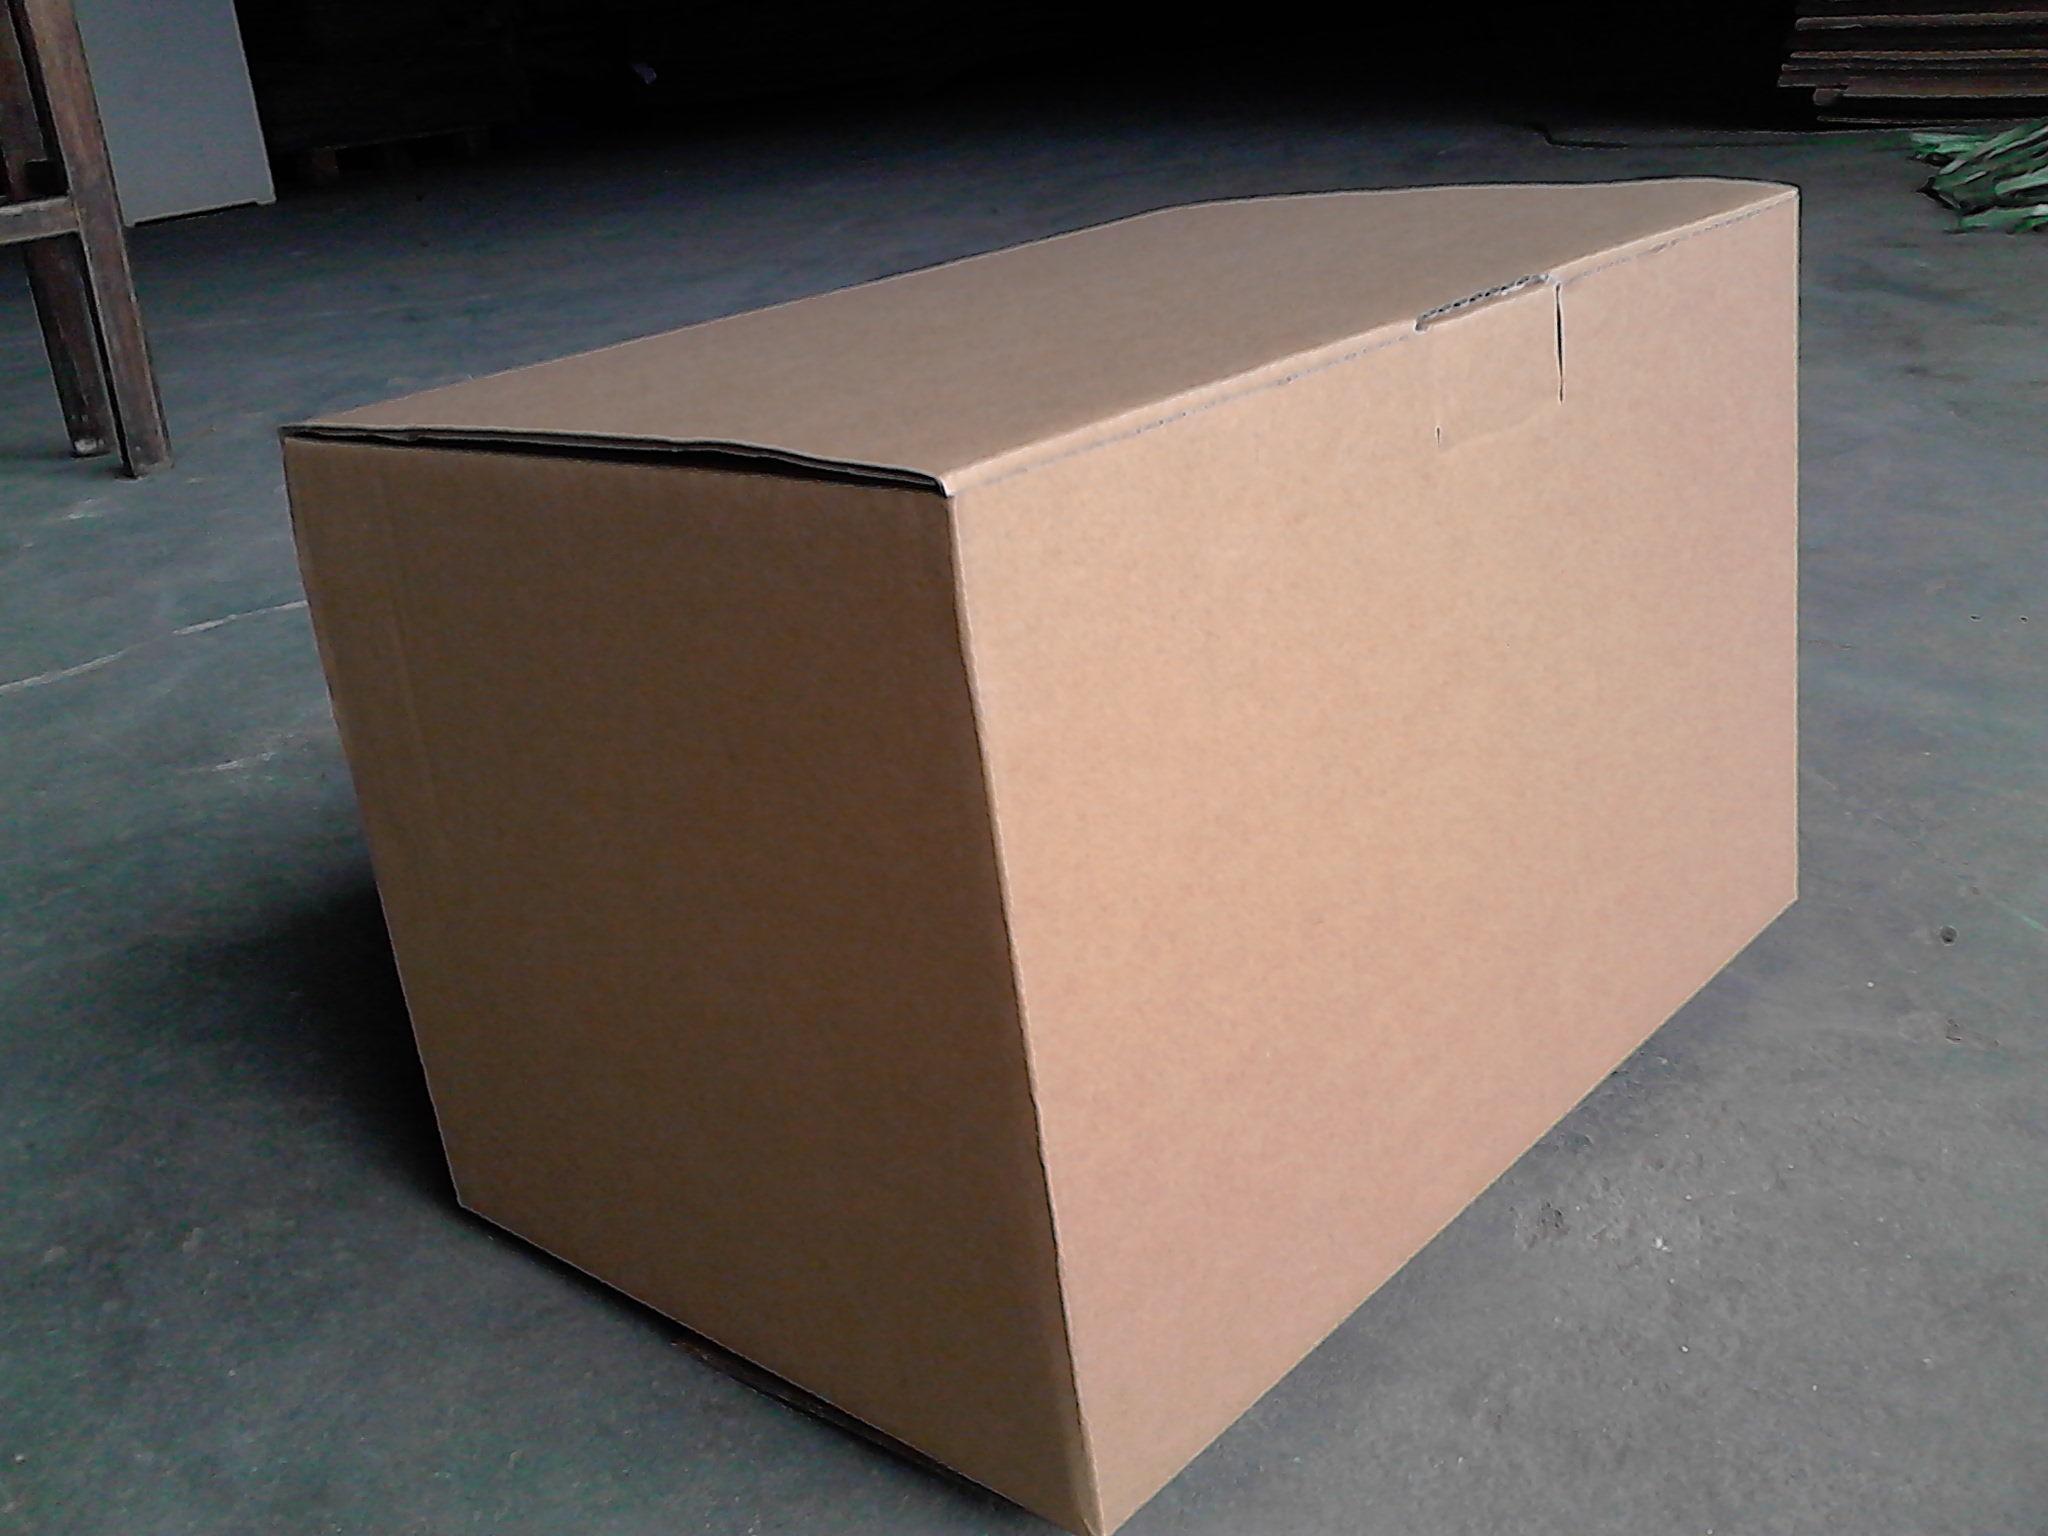 异形纸盒结构展开图有尺寸